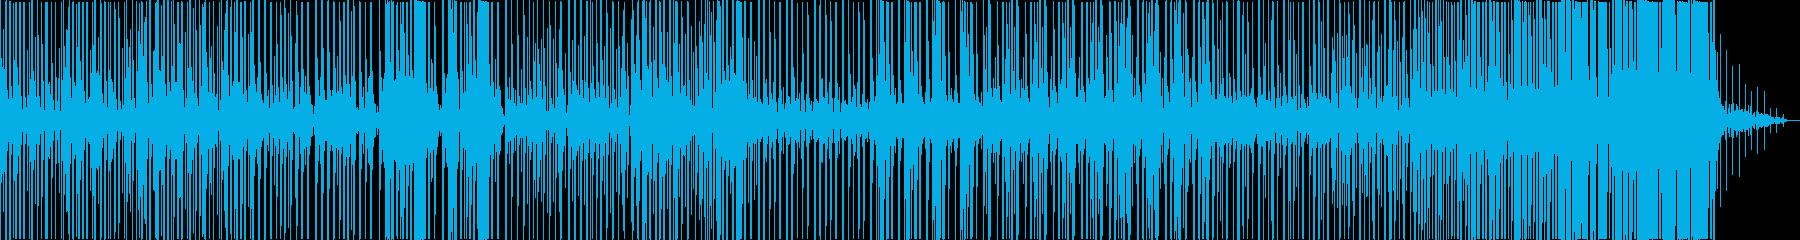 部族のドラムパーカッションインスト...の再生済みの波形